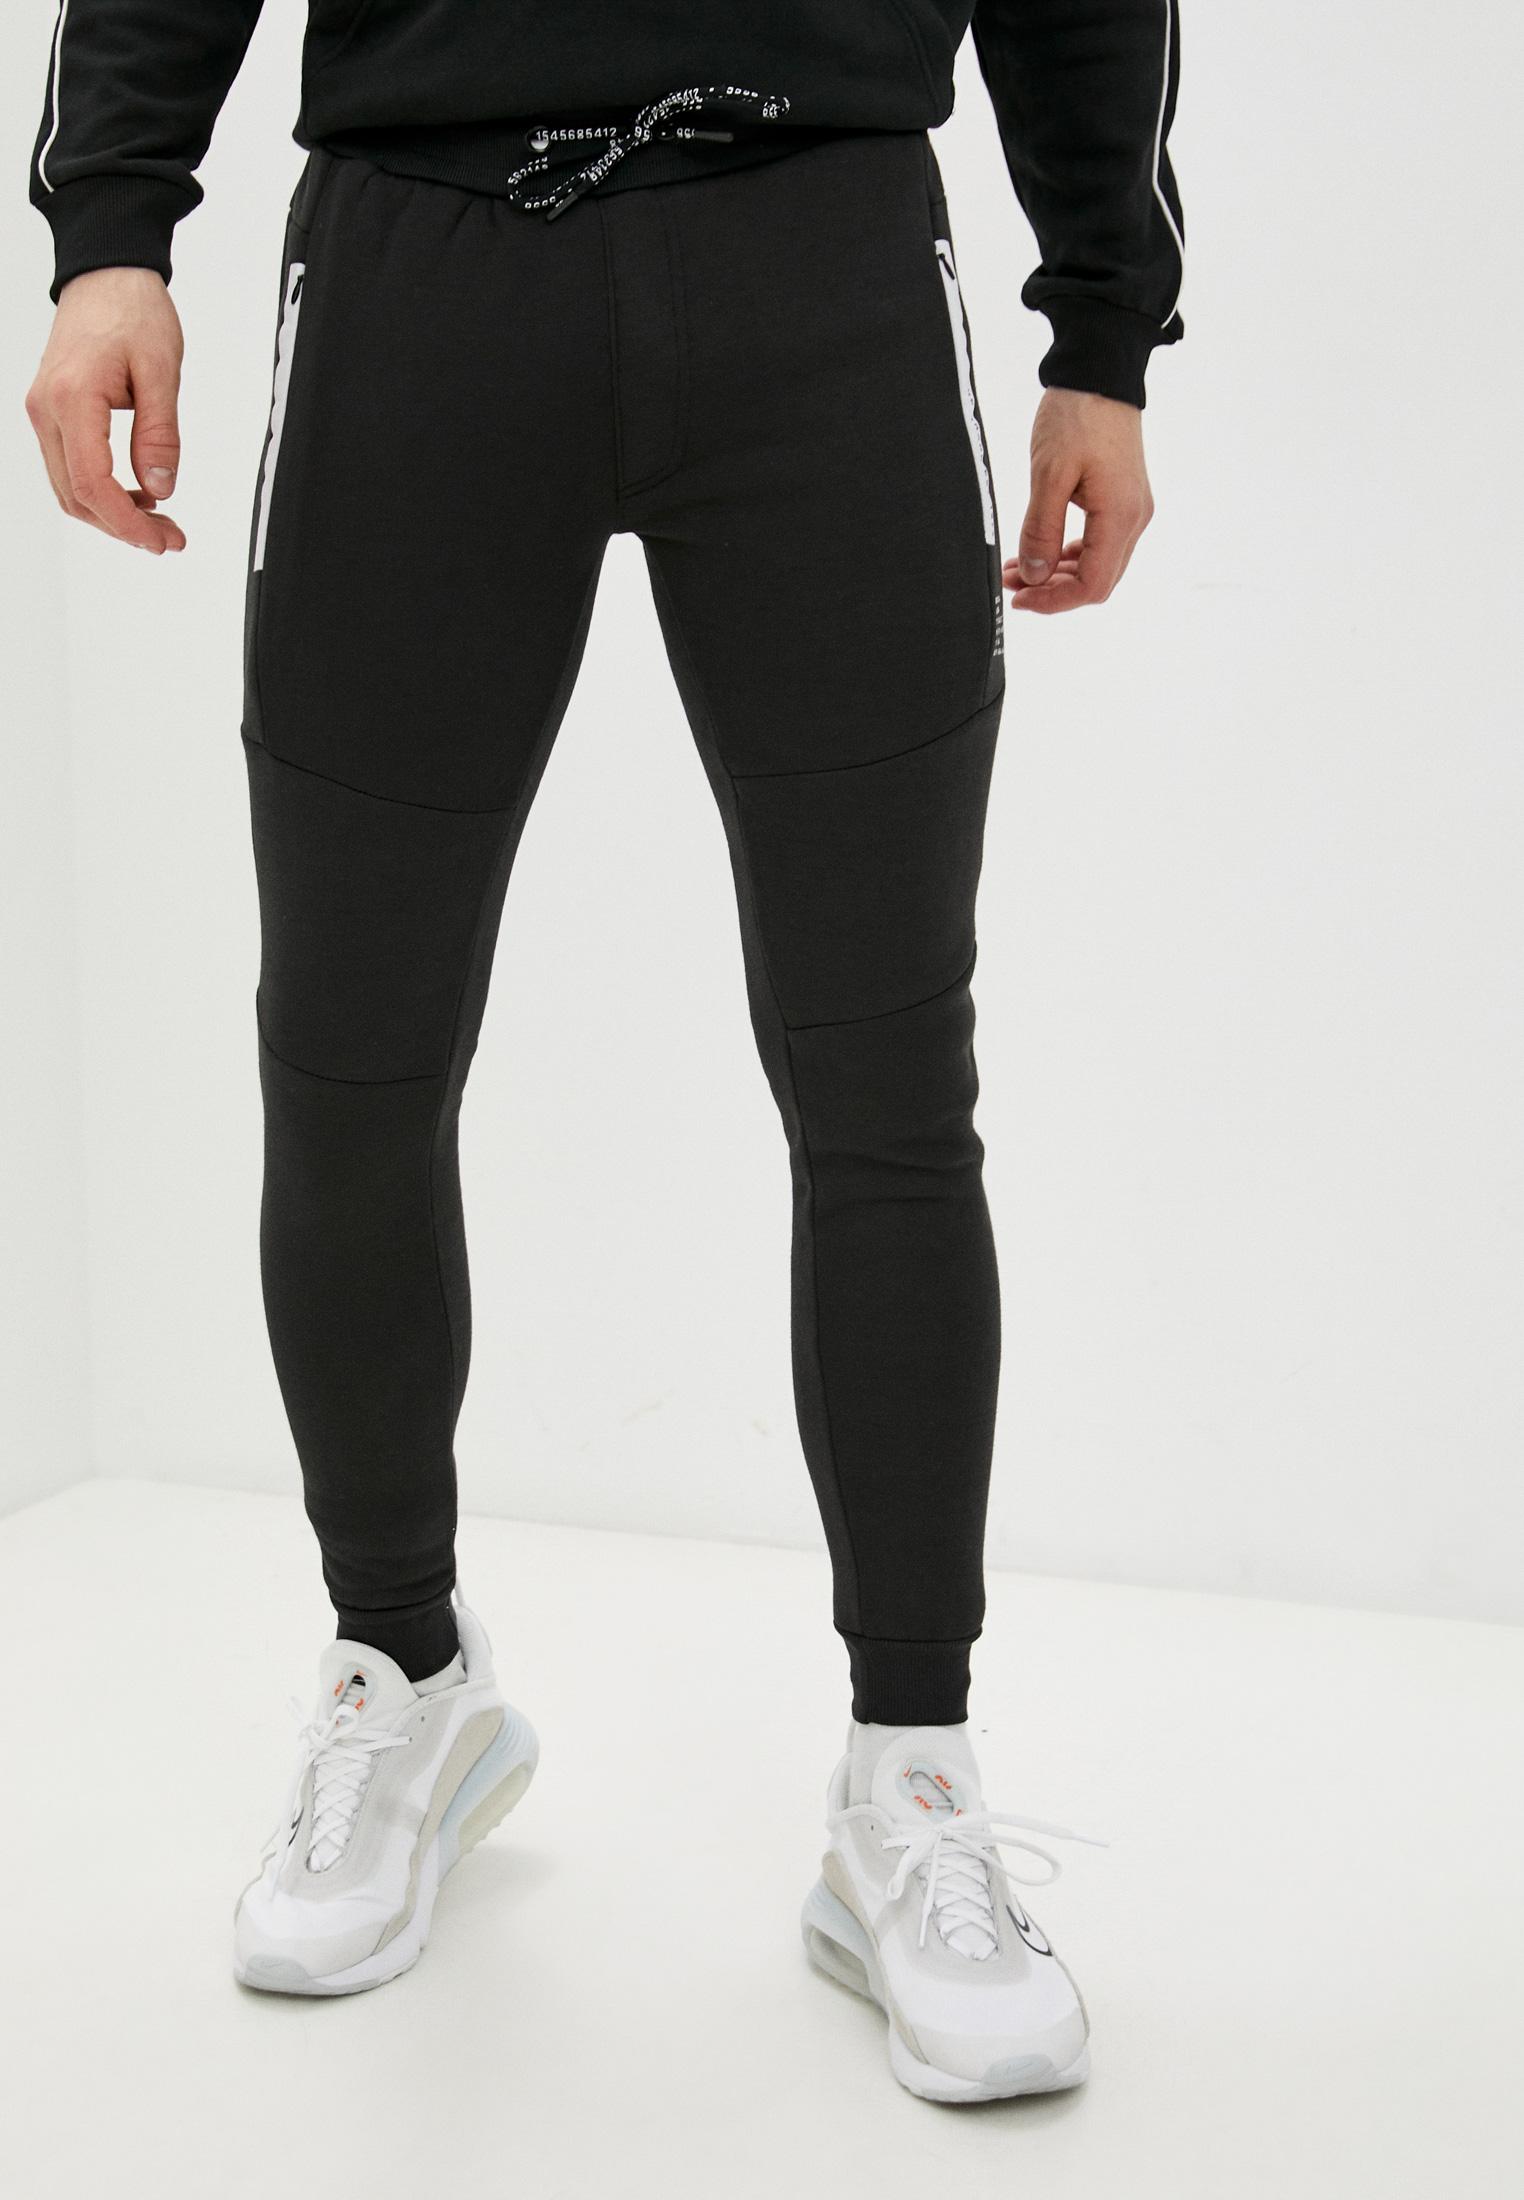 Мужские спортивные брюки Brave Soul Брюки спортивные Brave Soul